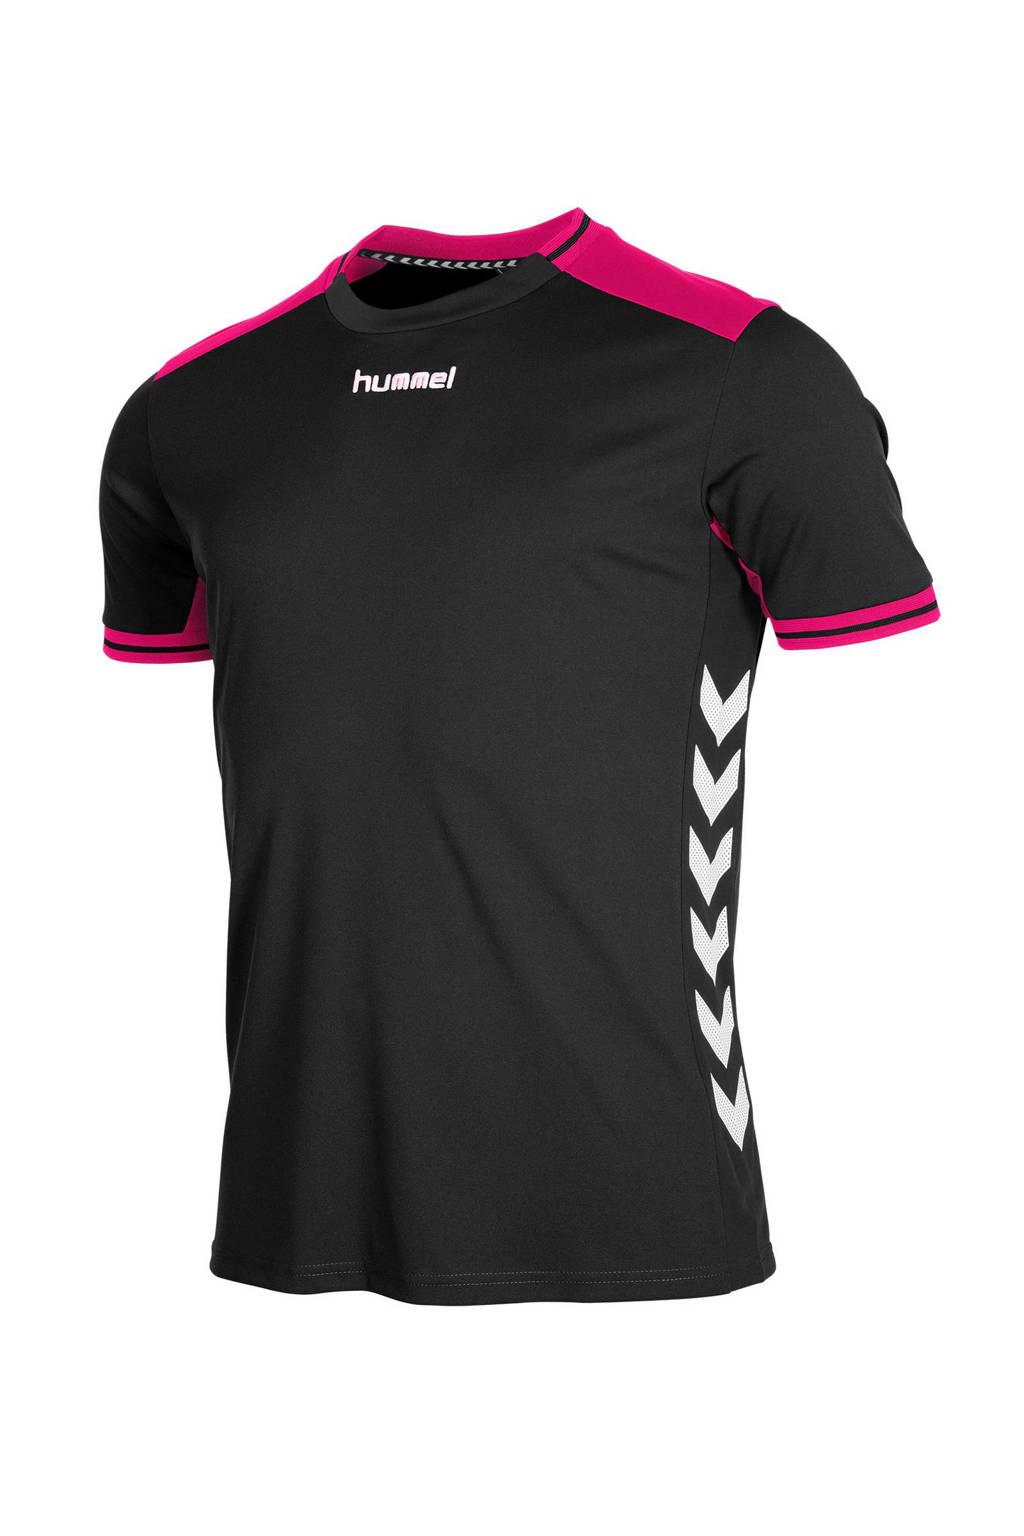 hummel   sport T-shirt, Zwart/ roze